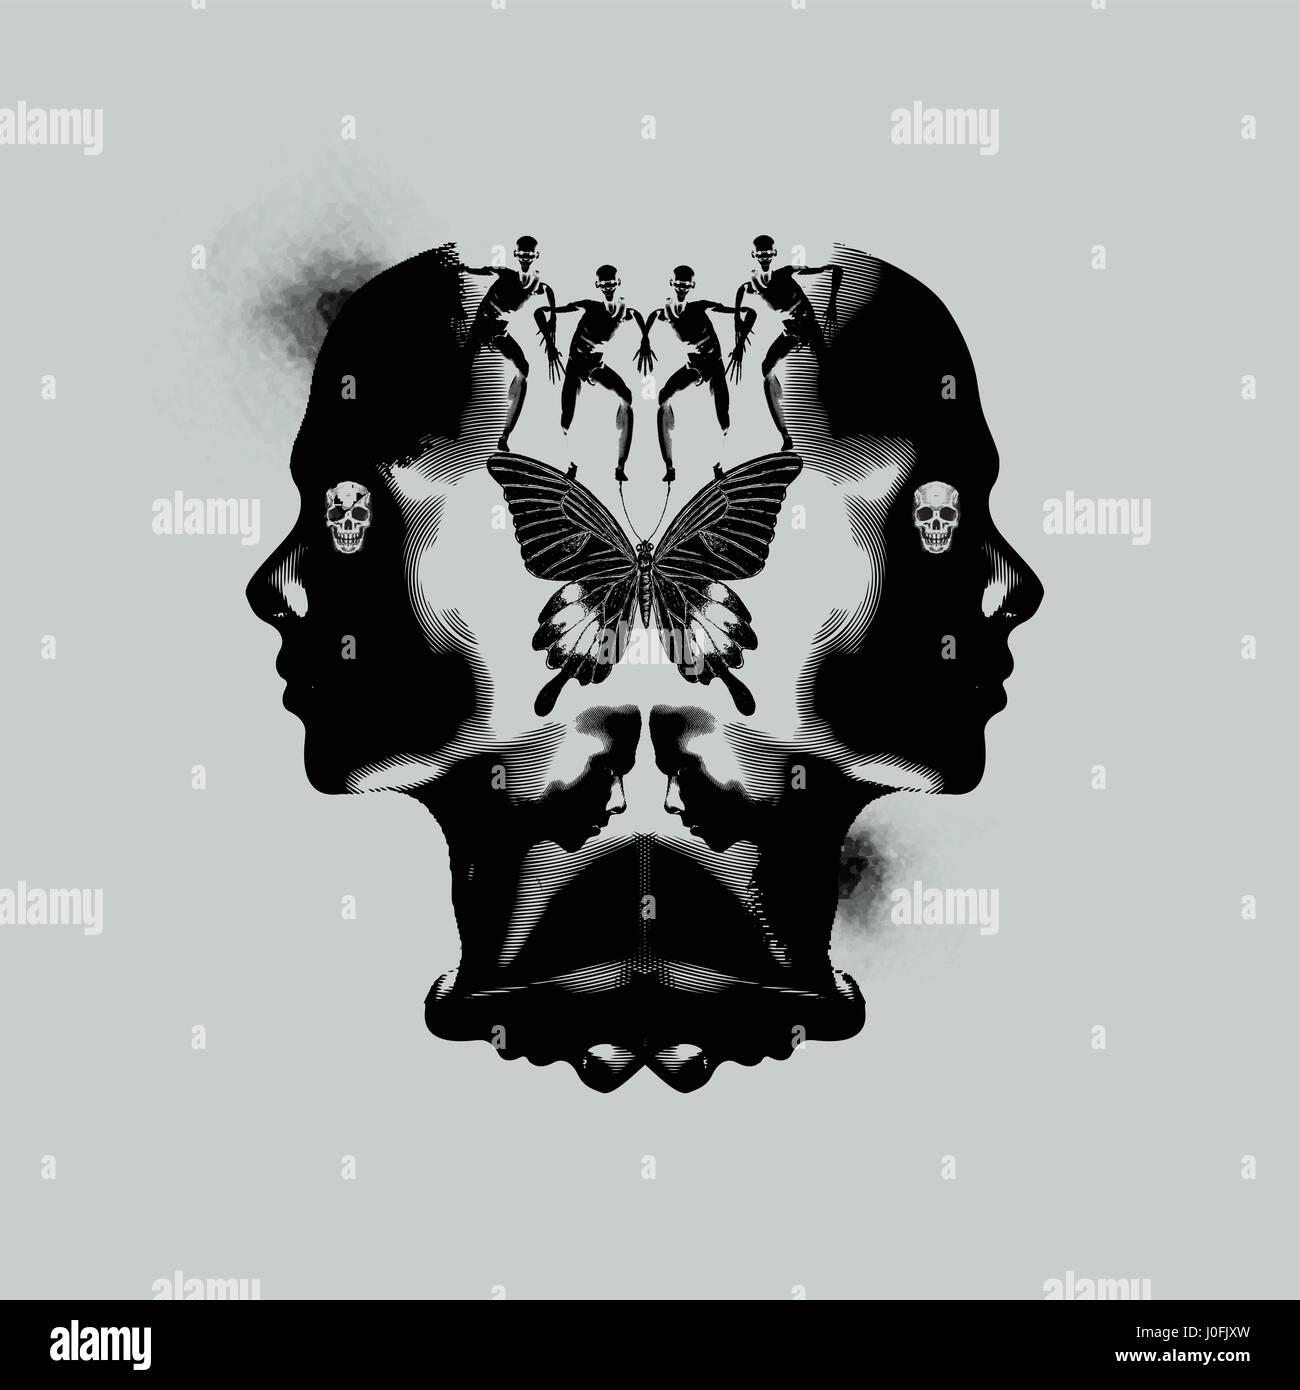 L'esprit humain, de la pensée et de l'illustration abstraite émotionnelle avec les taches d'encre. Photo Stock